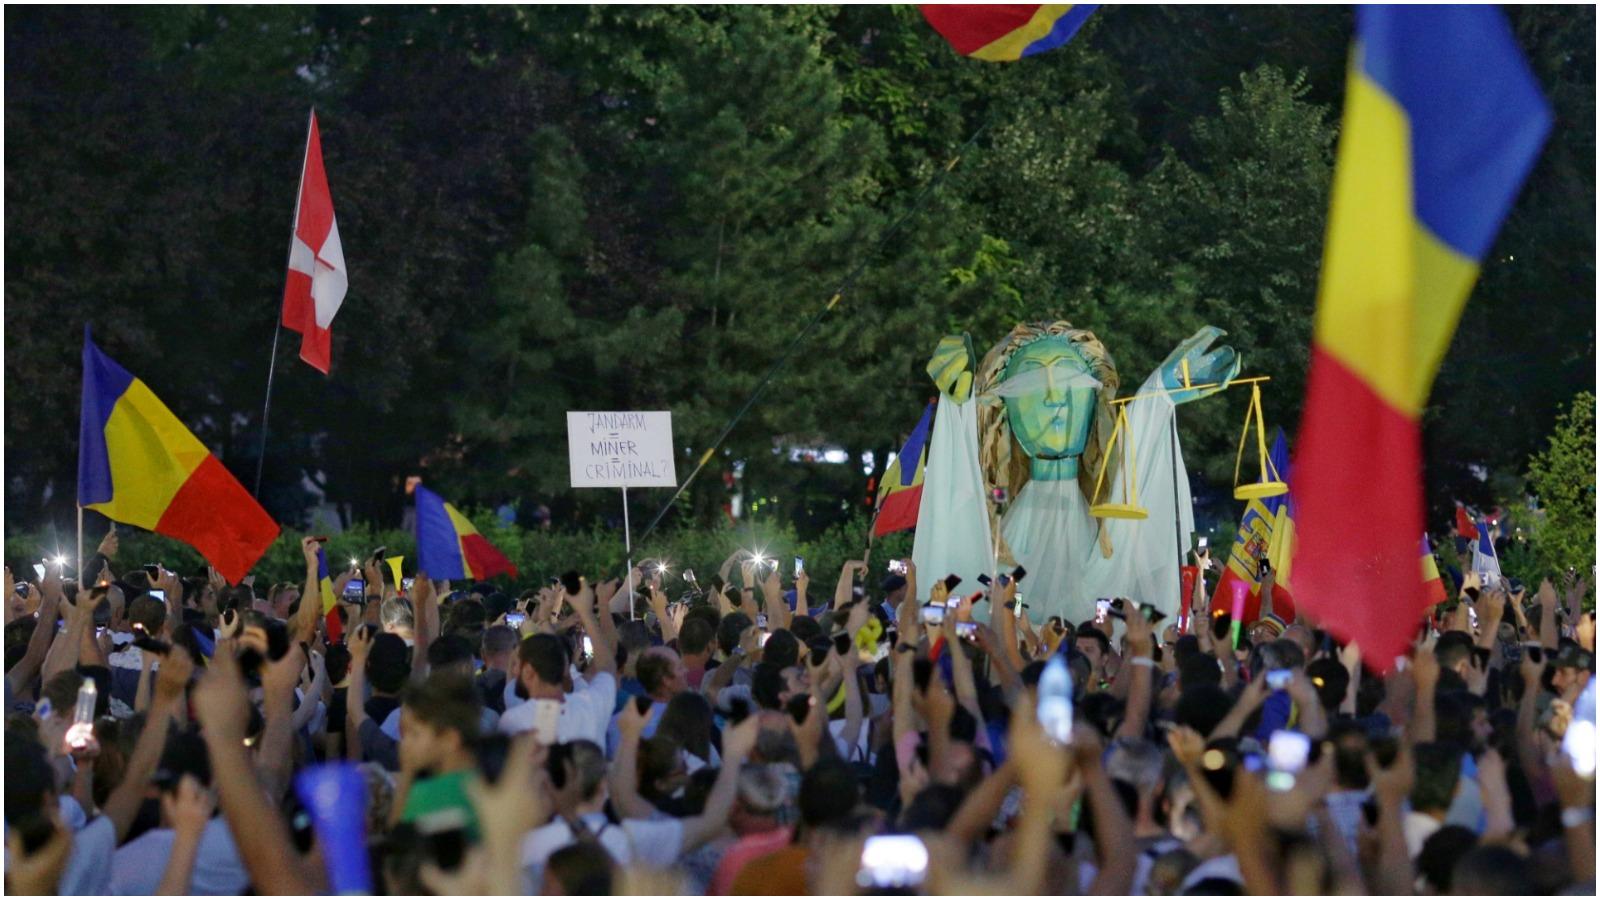 Ota Tiefenböck: Rumænerne demonstrerer igen mod landets korrupte ledelse, men det bliver svært at skabe et bedre samfund, så længe de ressourcestærke borgere flytter til Vesteuropa